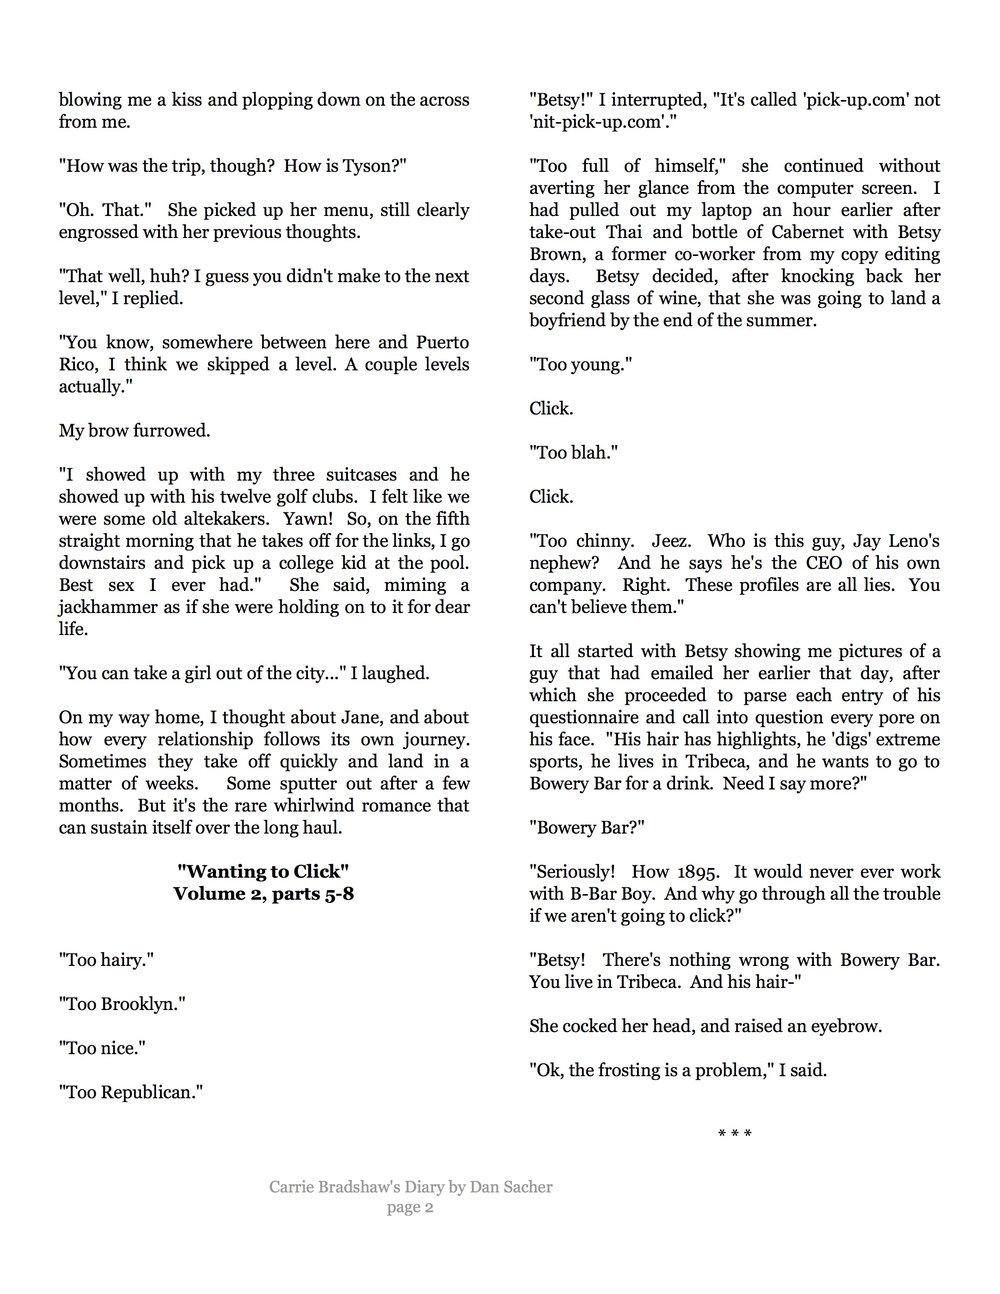 Carrie's Diary2.jpg